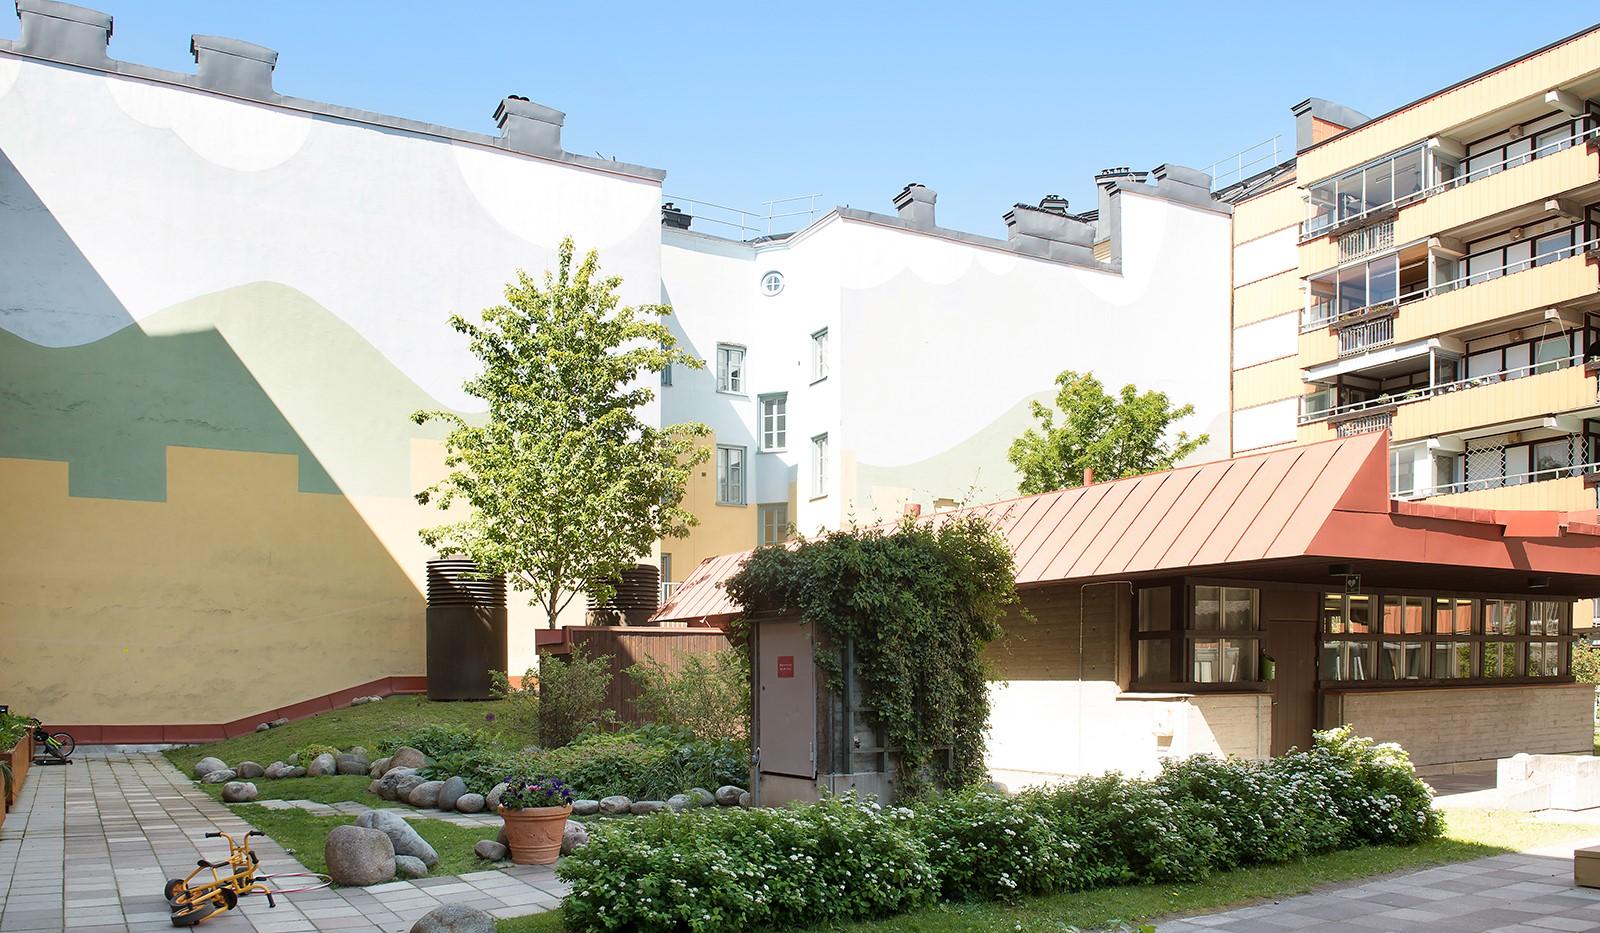 Kocksgatan 9, 5/5tr - Här ligger även föreningens tvättstuga i ett fristående hus.